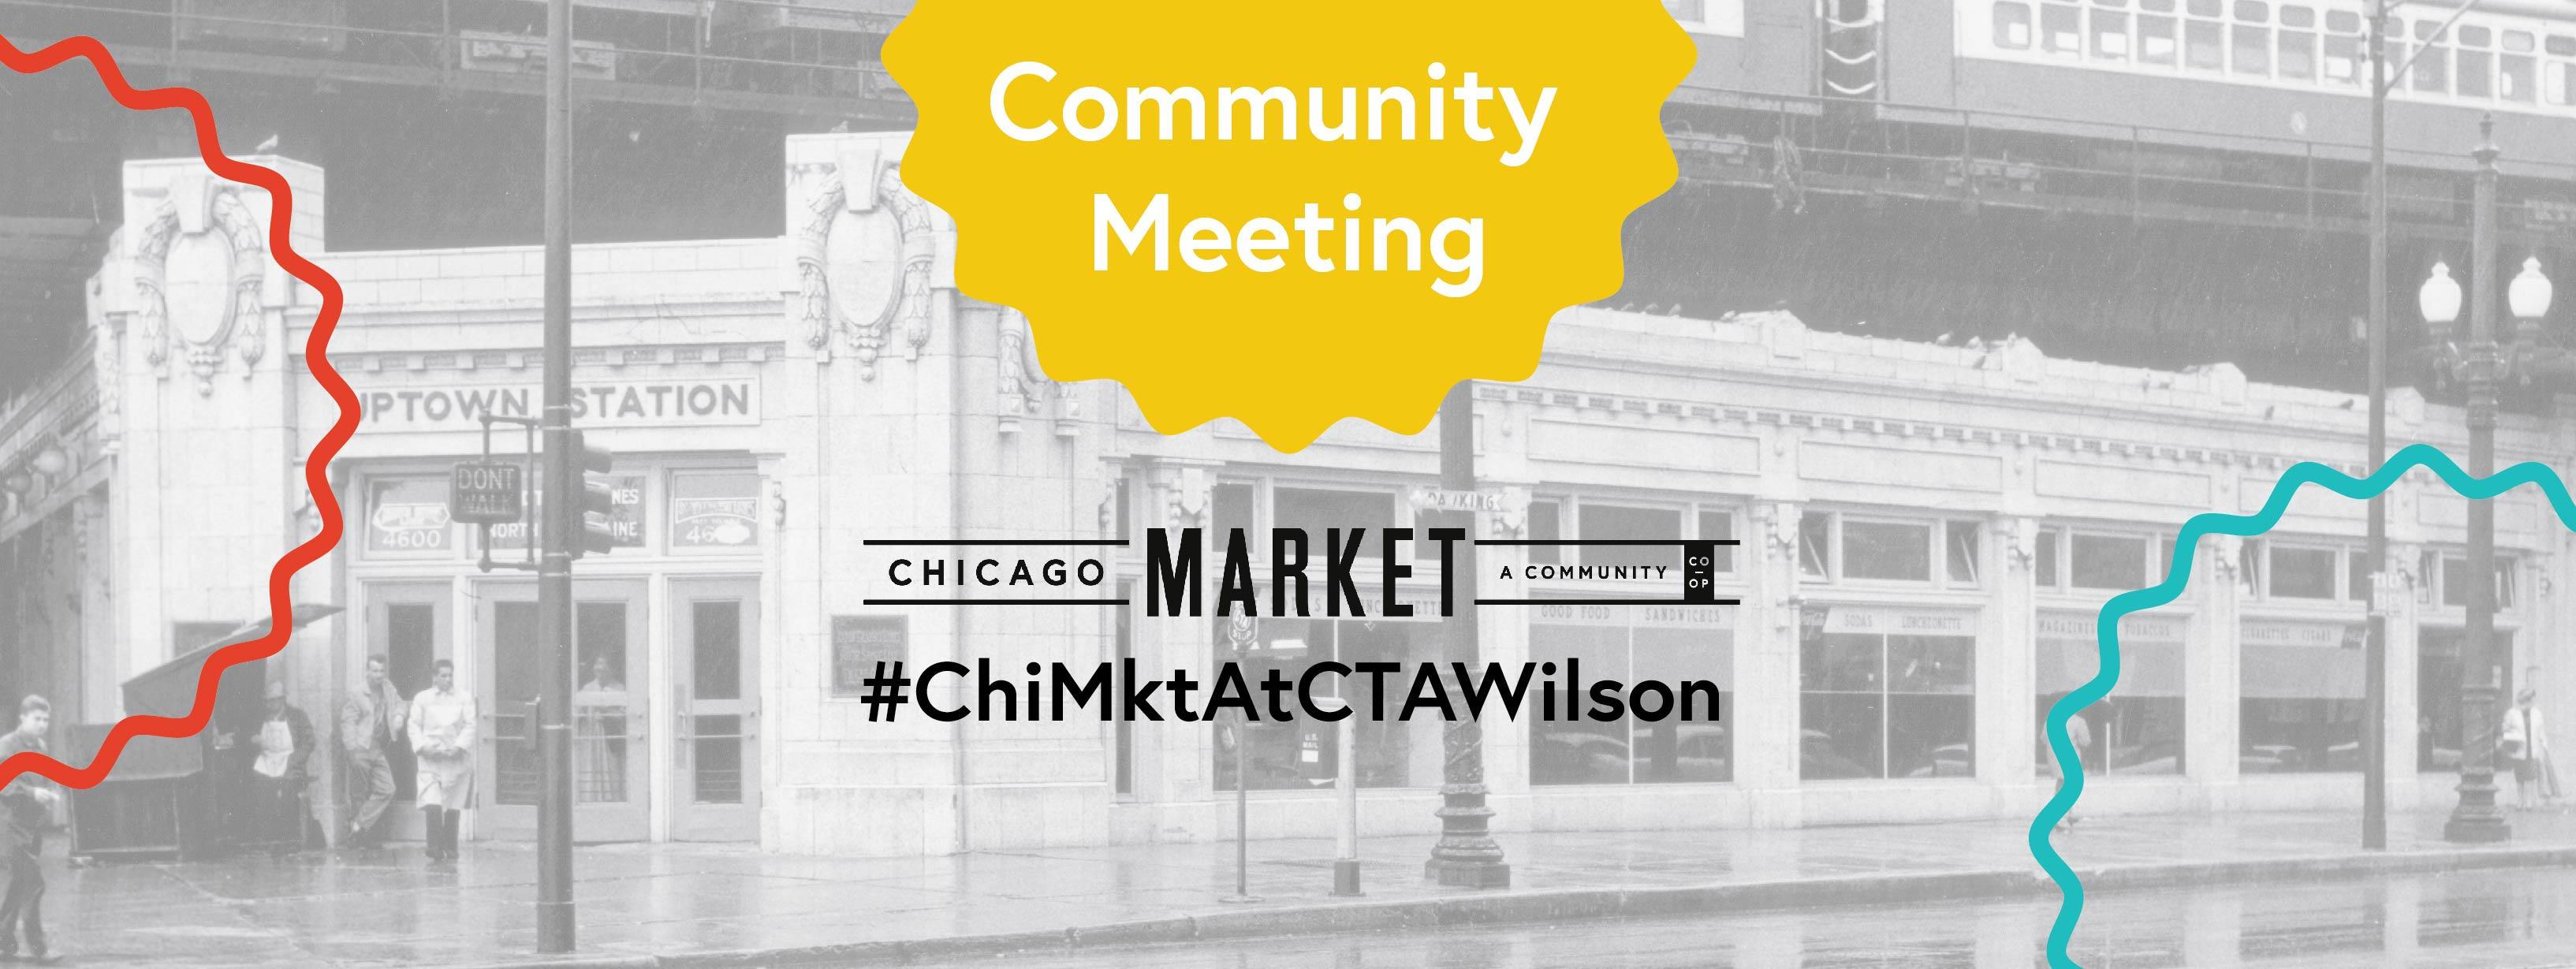 chimark_comm-meetings-fb-header-01.jpg